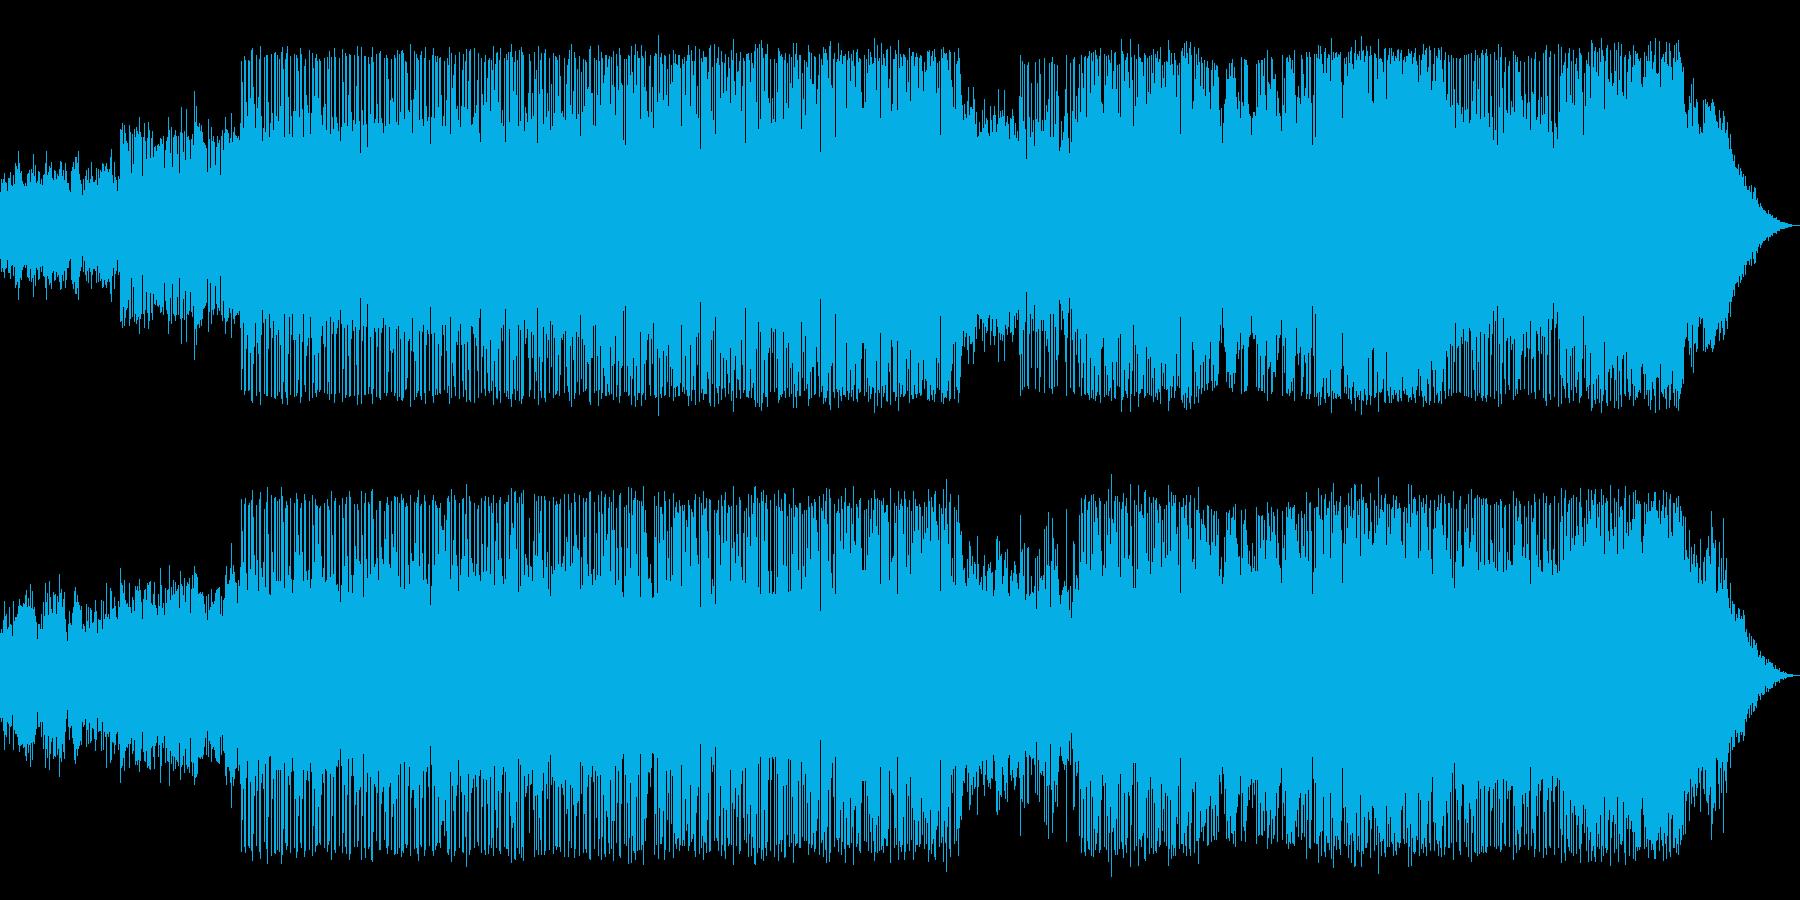 ホラーなアンビエントの電子音楽の再生済みの波形